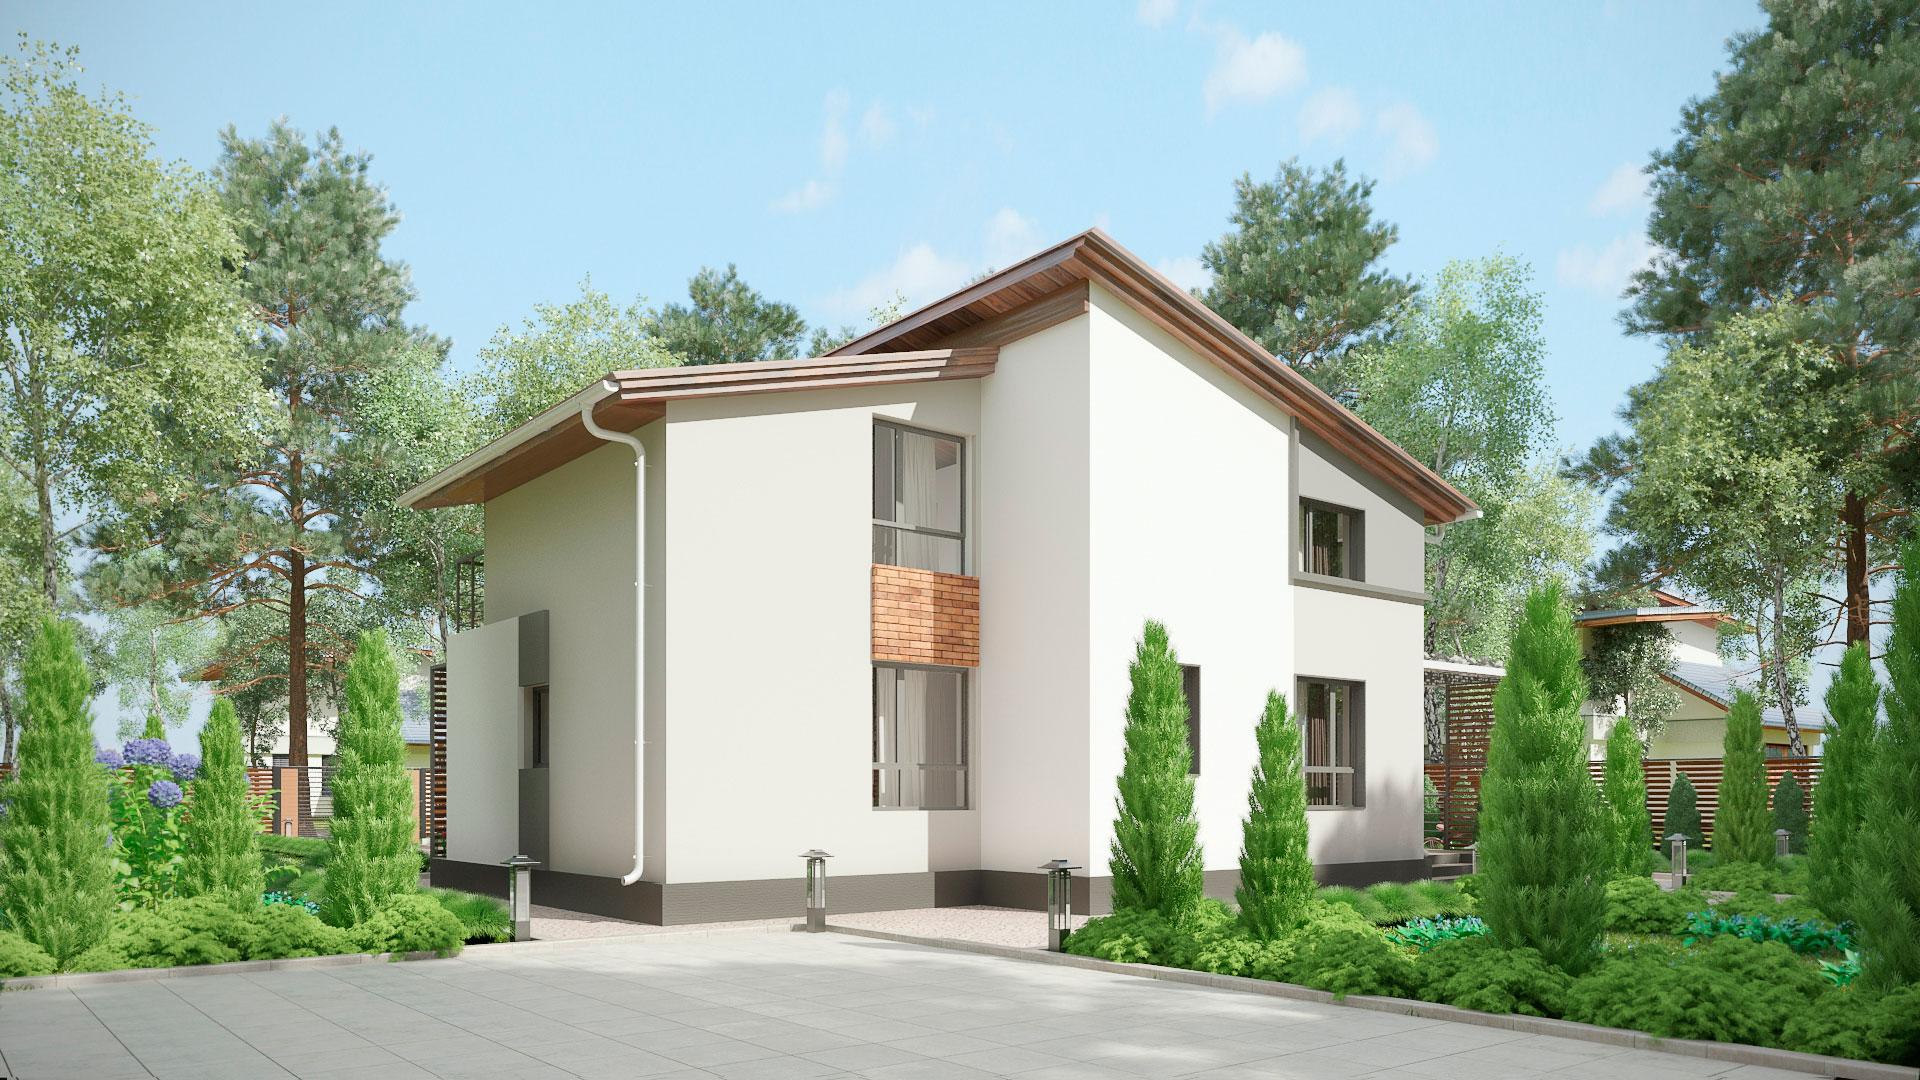 Задний фасад двухэтажного коттеджа БЭНПАН, проект МС-253.